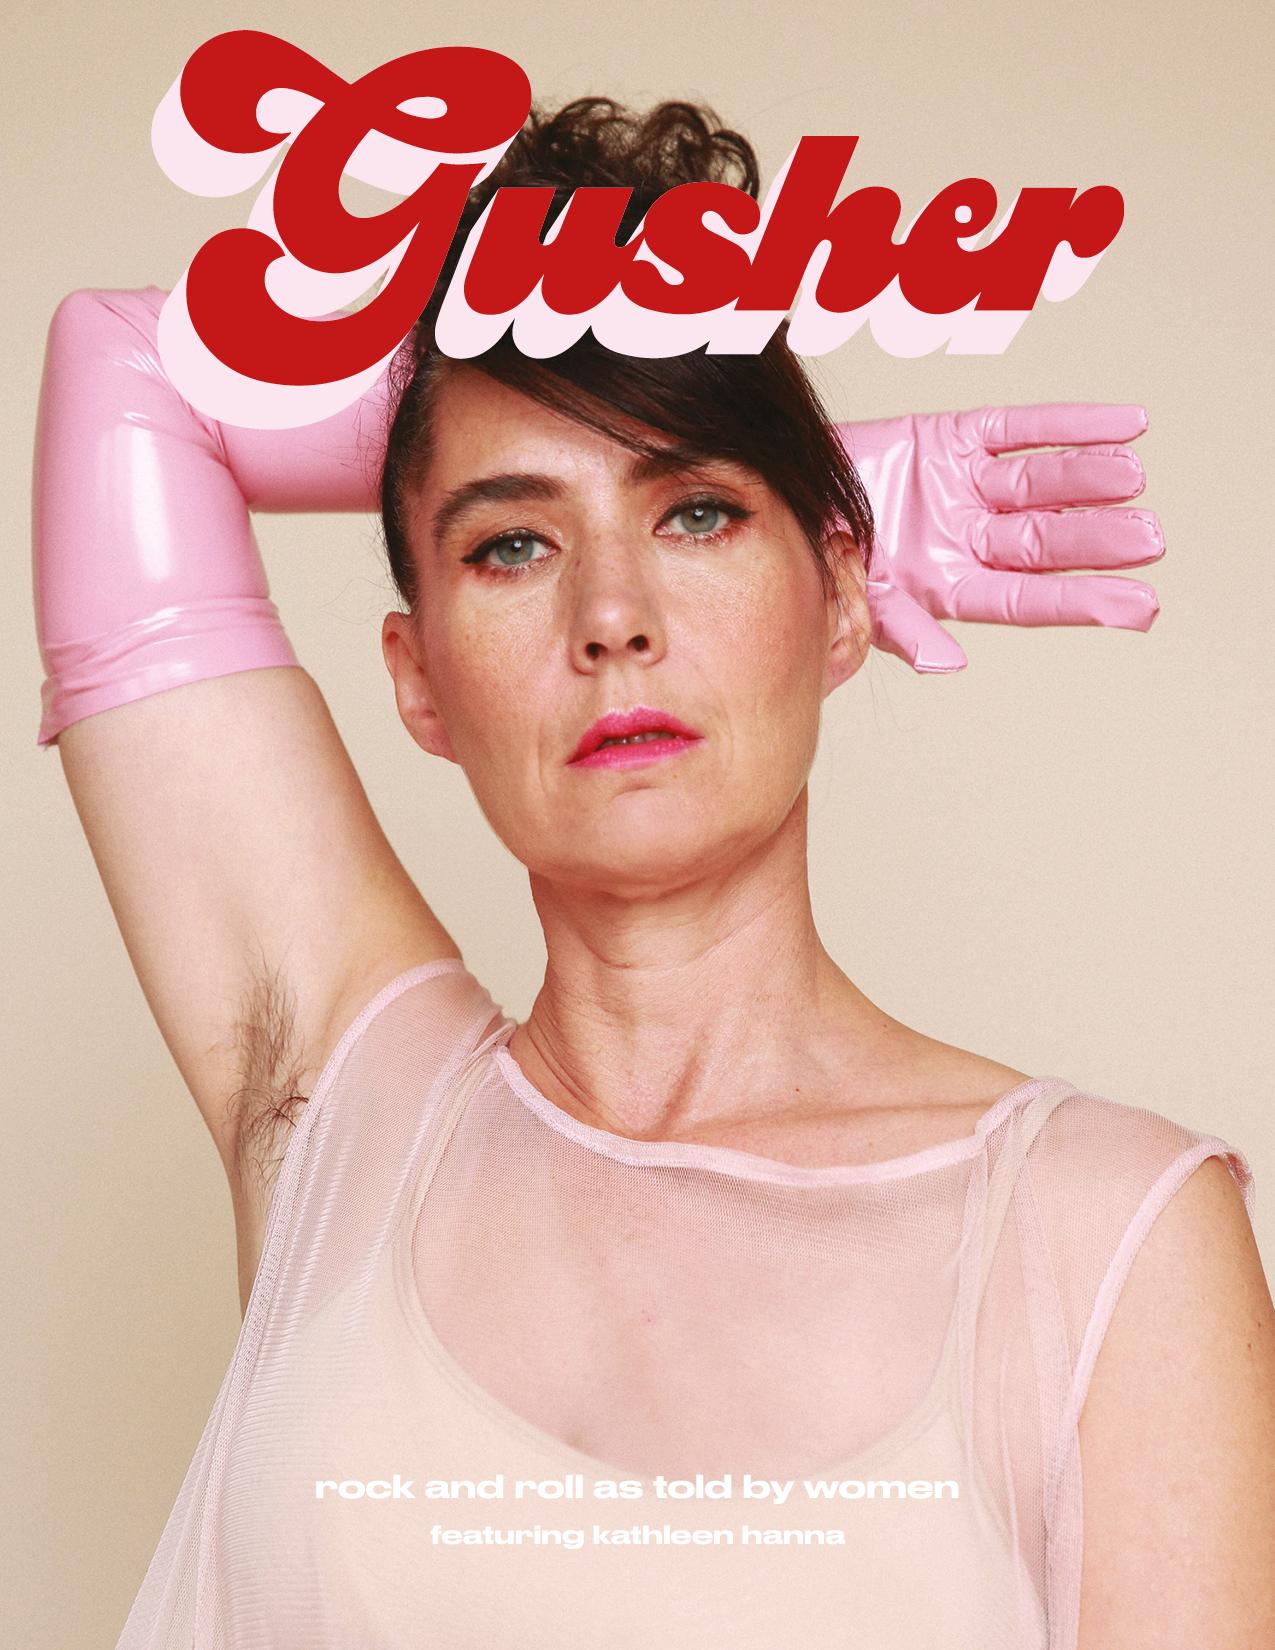 Kathleen Hanna for the cover of Gusher Magazine